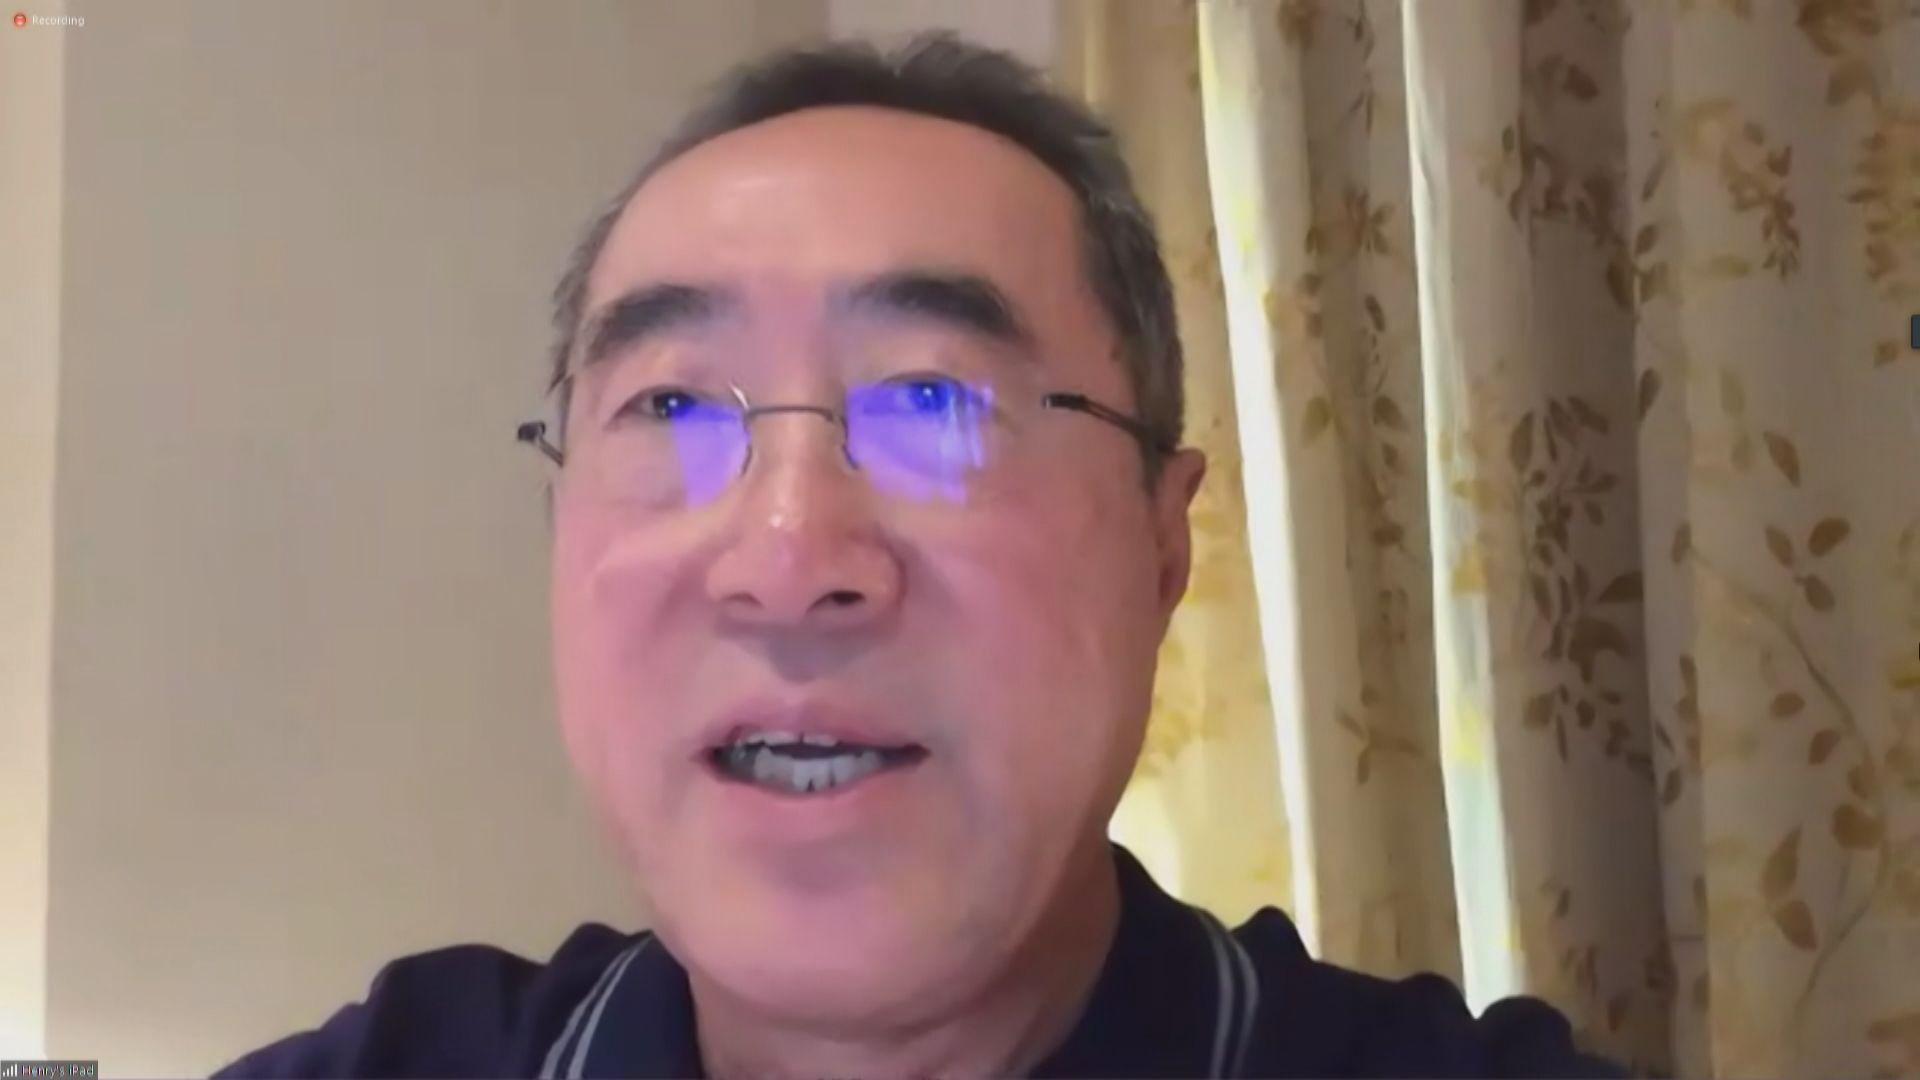 唐英年形容李鵬飛是他加入政壇師傅 讚揚對香港有感情